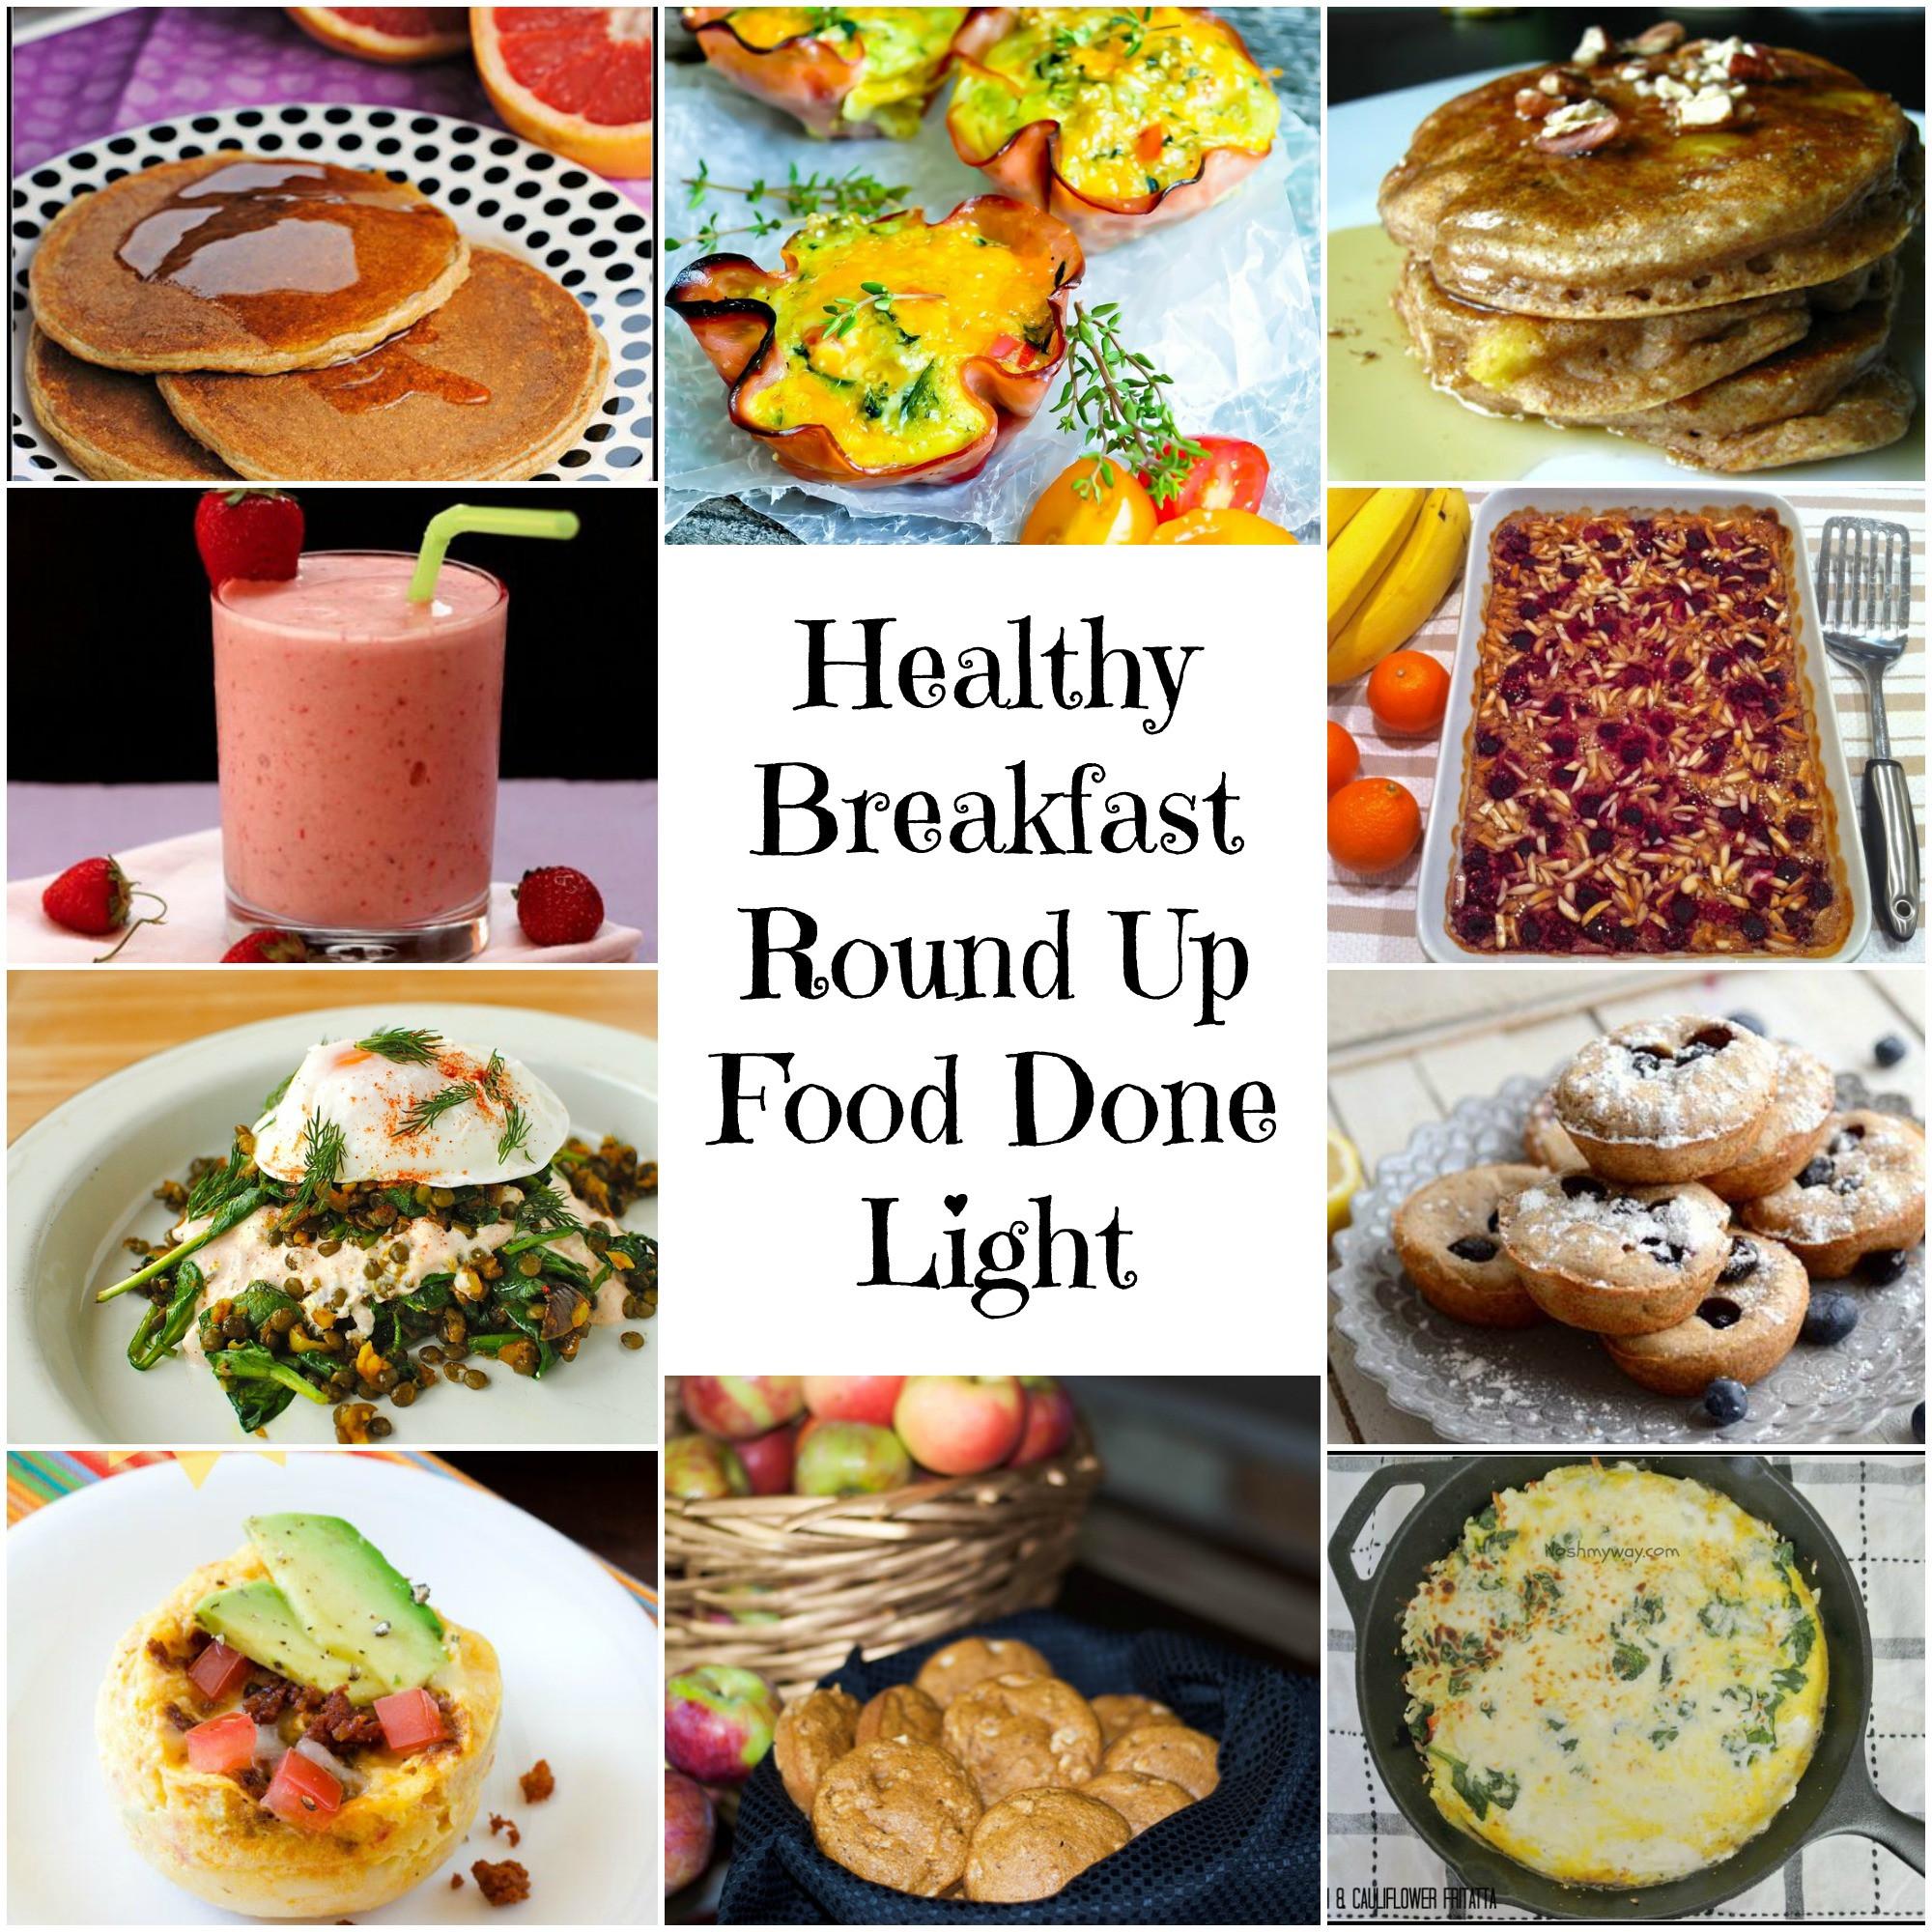 Healthy Breakfast Treats  Best Healthy Christmas Breakfast Recipes